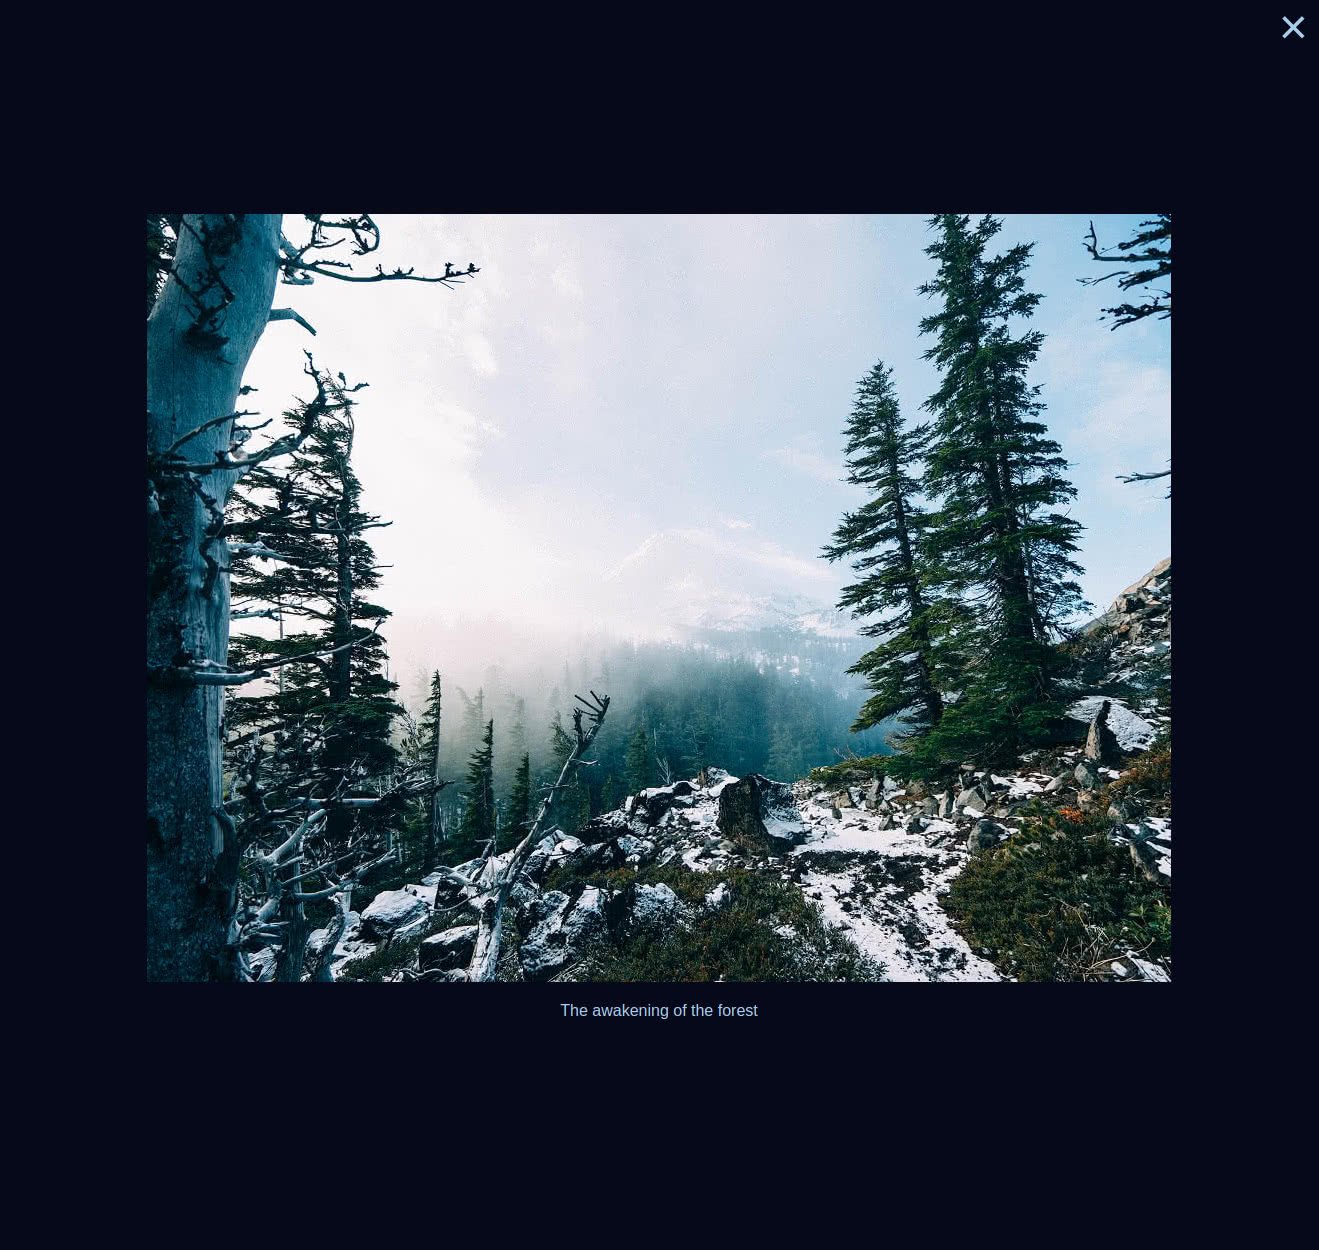 Blue - Image View - Desktop